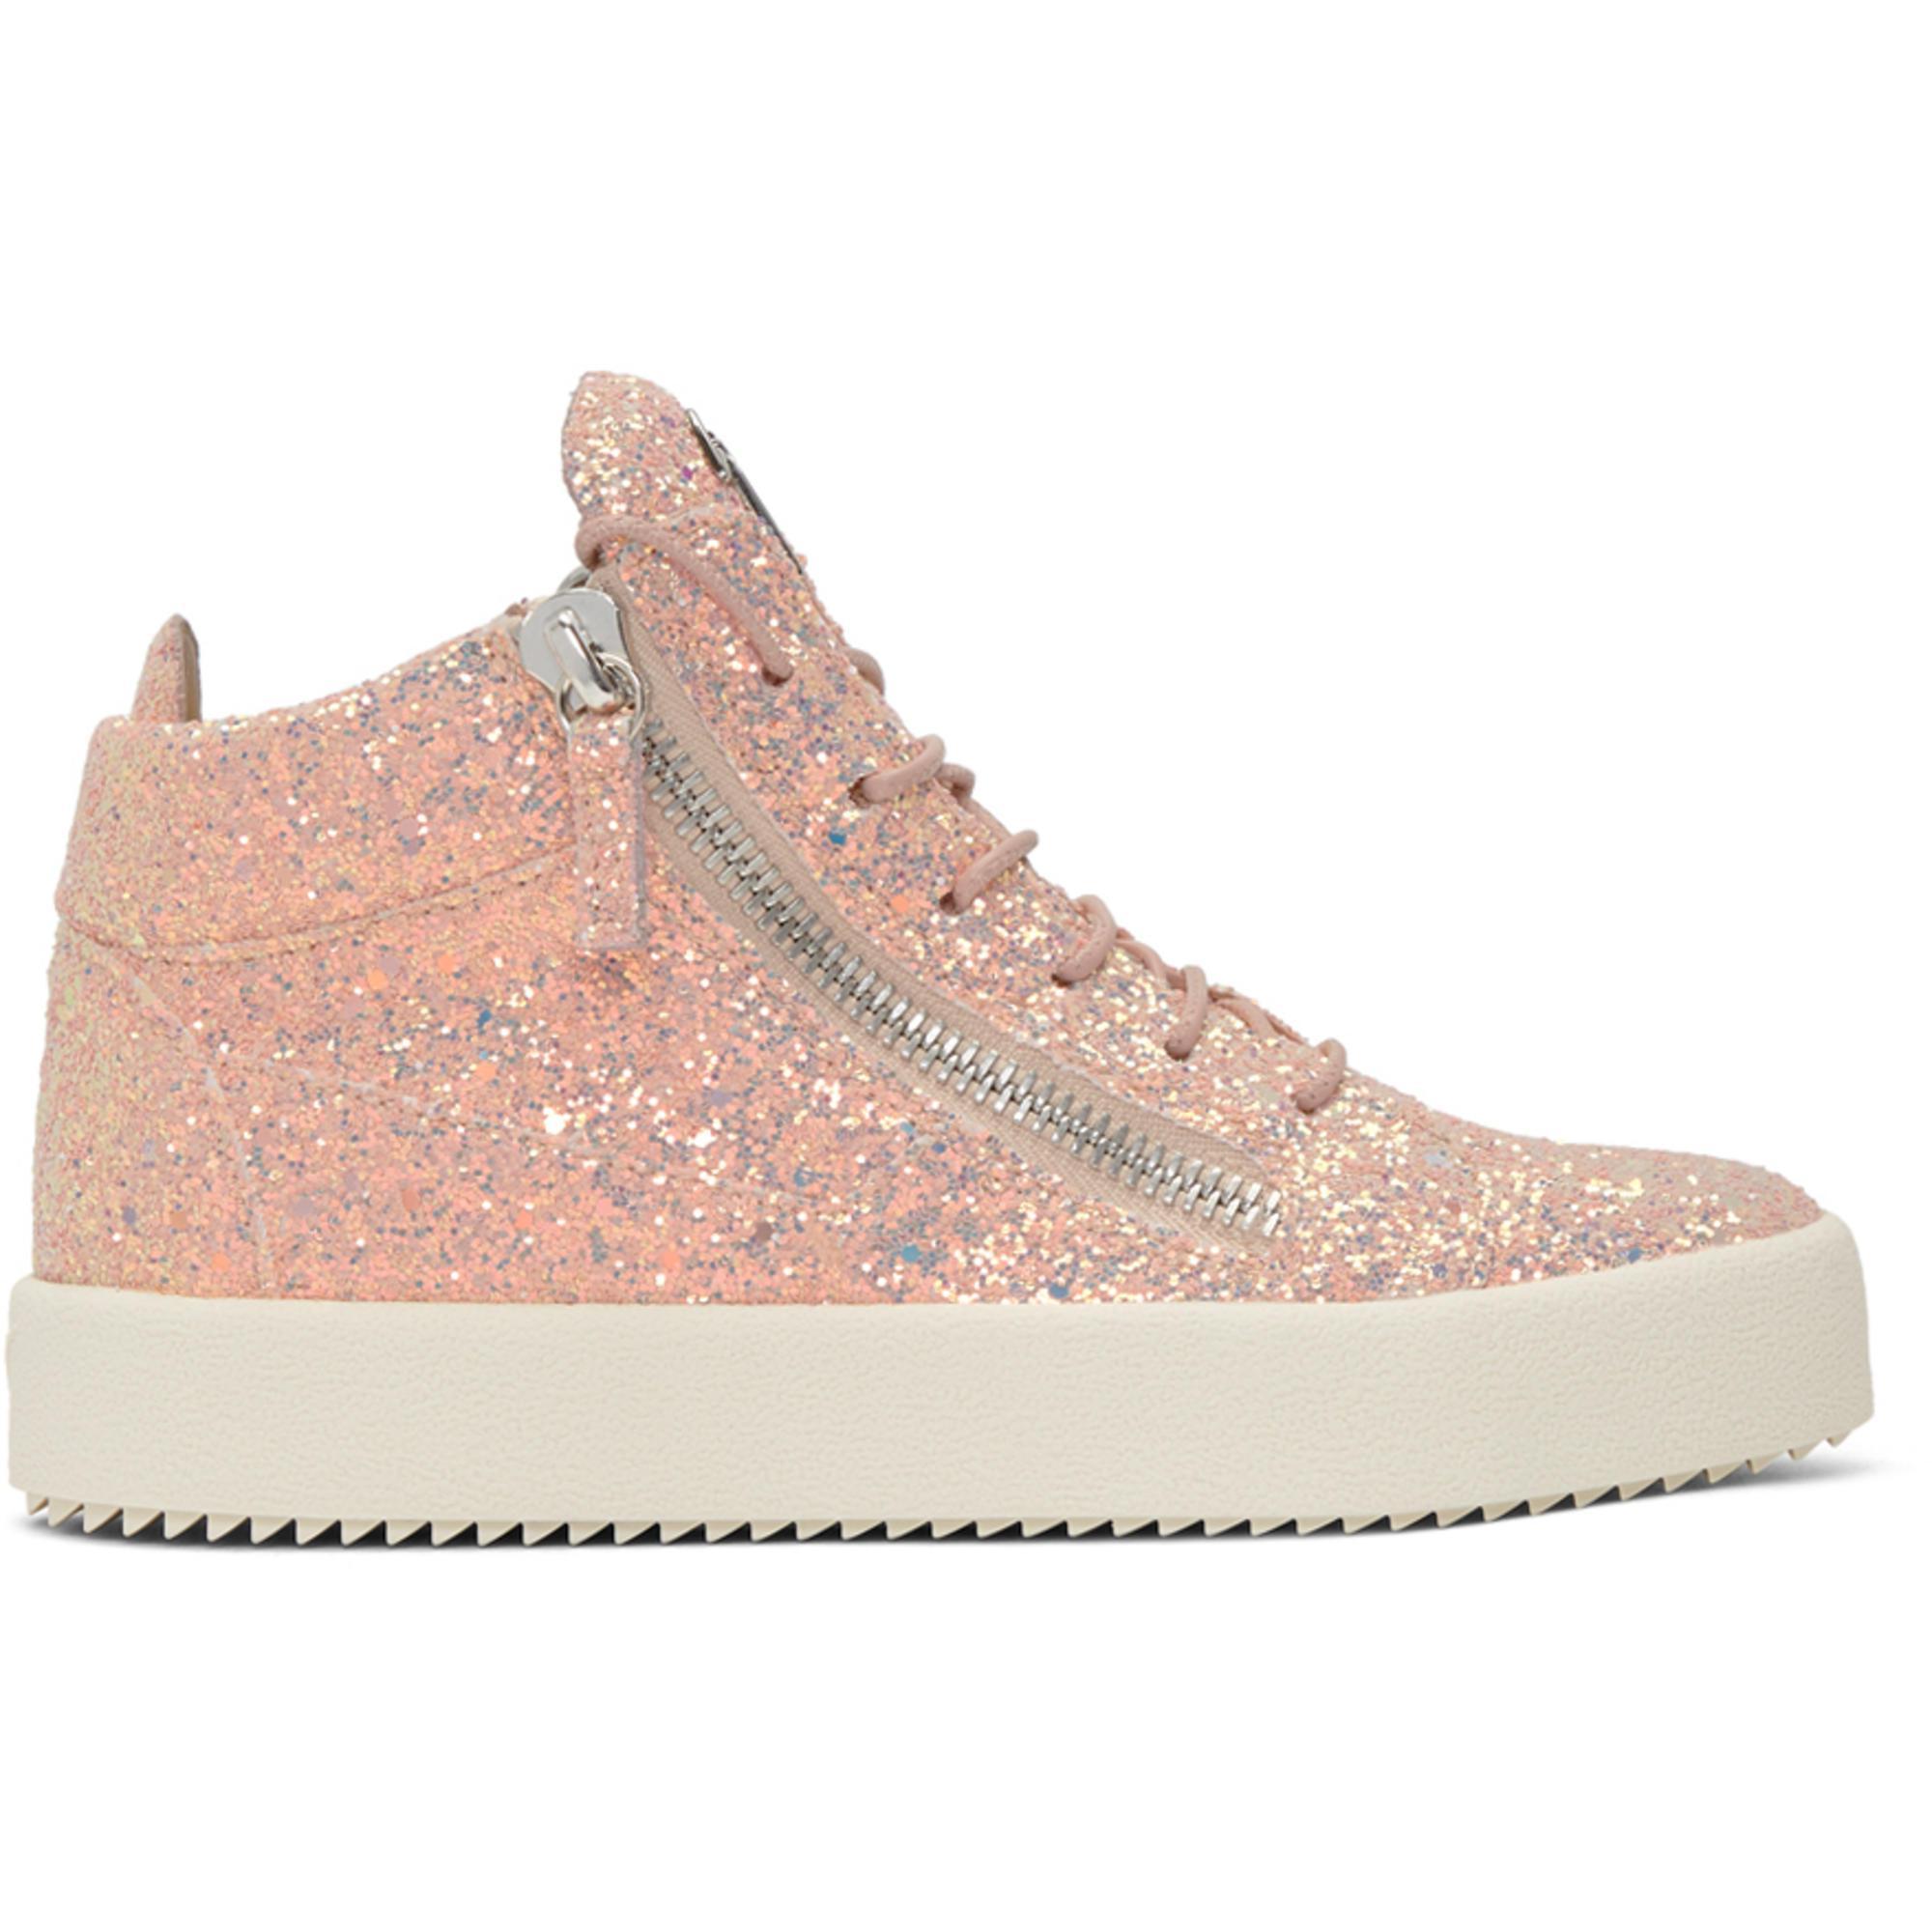 2cc586ba8e810 Lyst - Giuseppe Zanotti Ssense Exclusive Pink Glitter May London ...